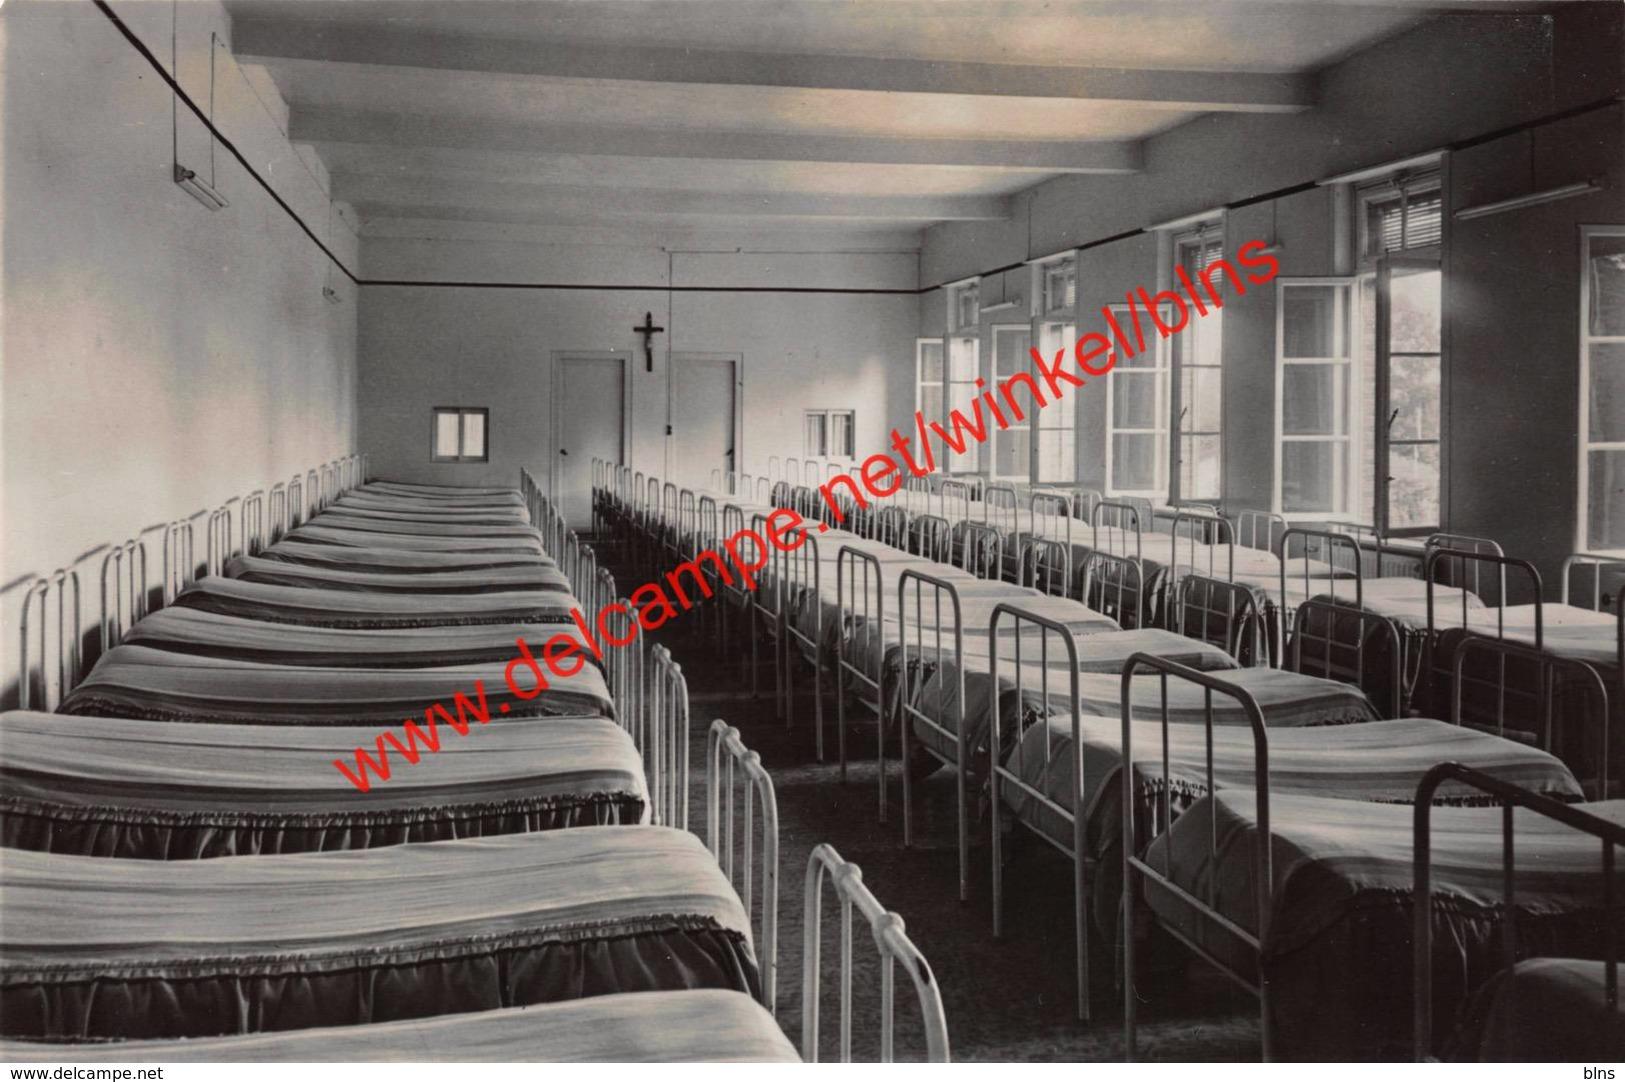 Schoolvilla Madonna - Grote Slaapzaal - Vlimmeren - Beerse